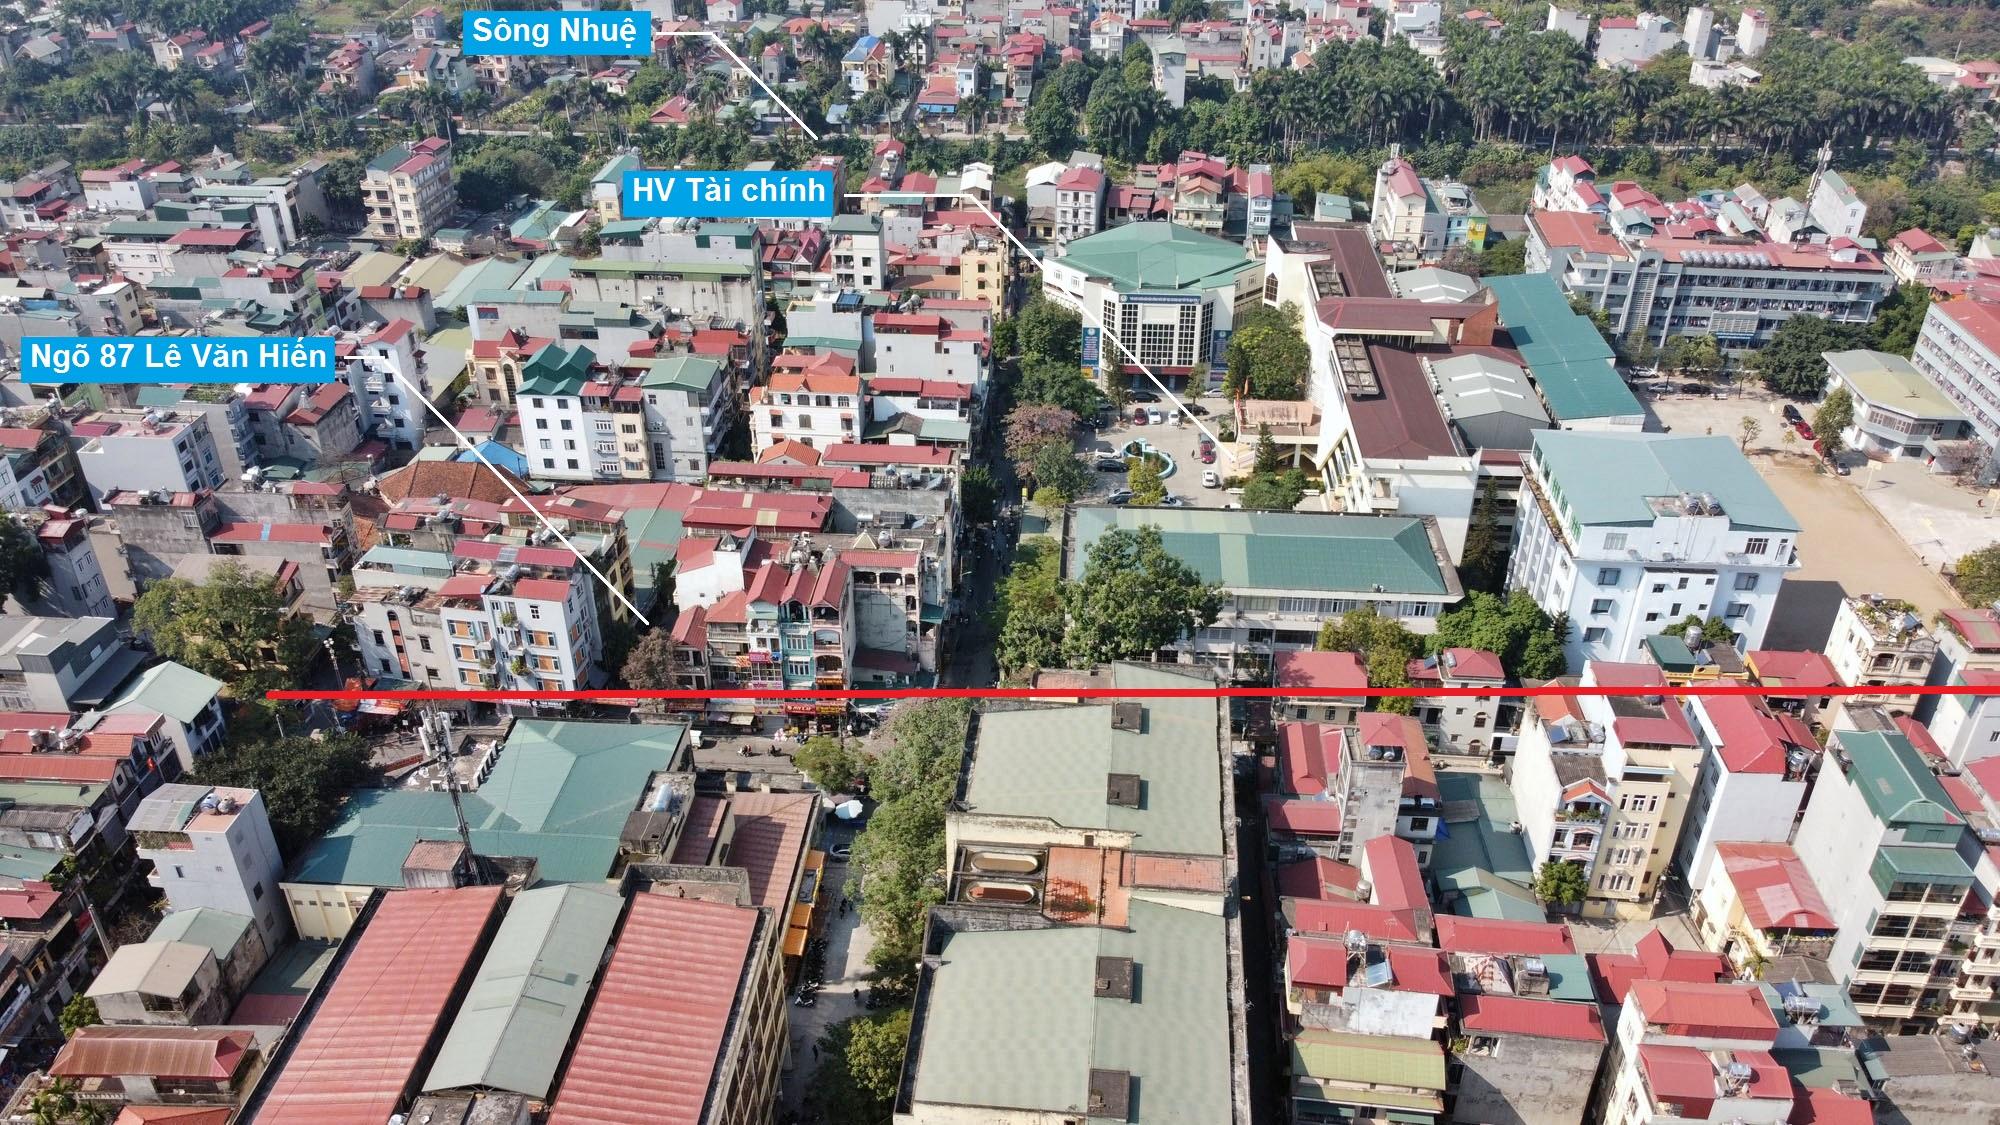 Ba đường sẽ mở theo qui hoạch ở phường Đức Thắng, Bắc Từ Liêm, Hà Nội (phần 2) - Ảnh 10.